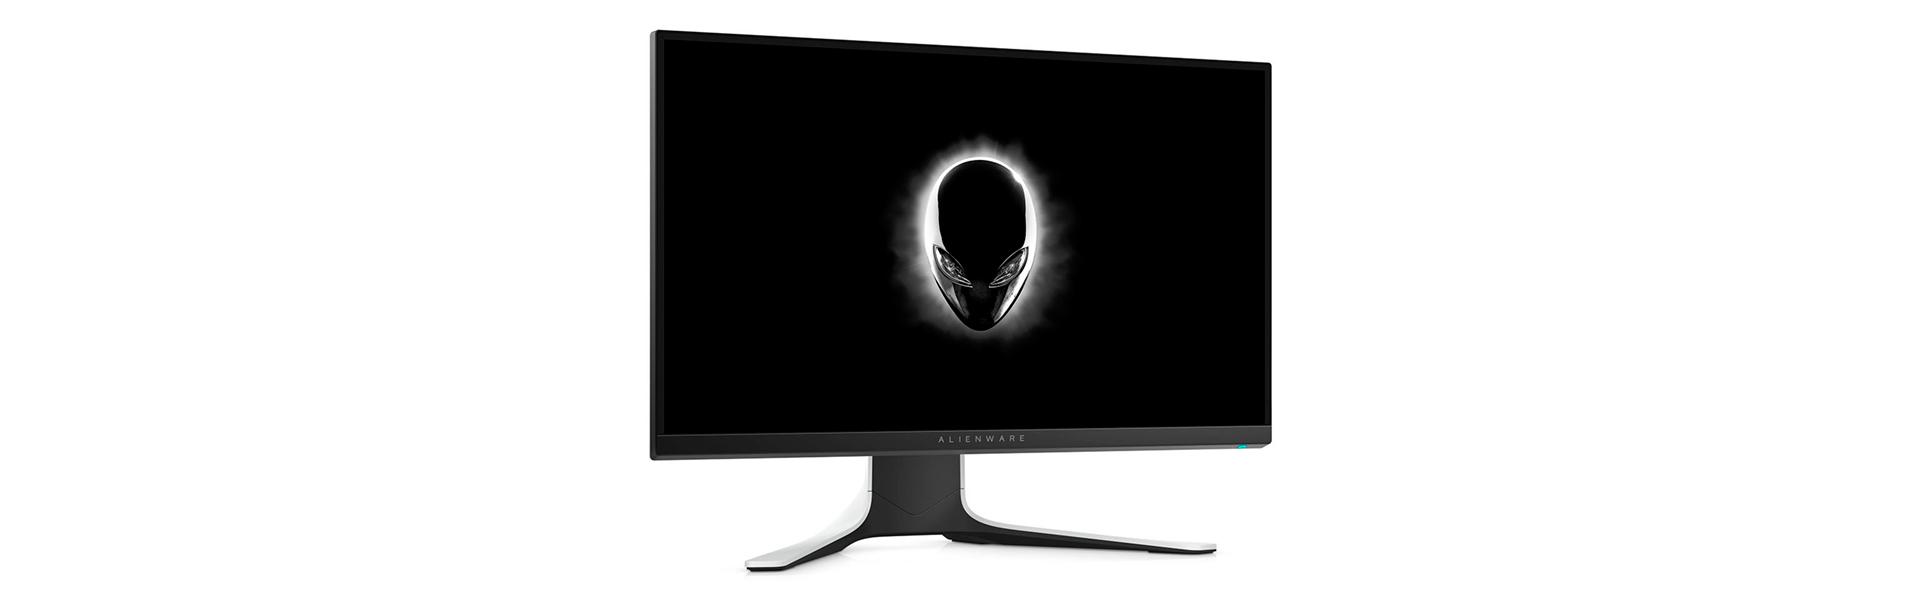 Nowość od Alienware - 240Hz w futurystycznej obudowie 26